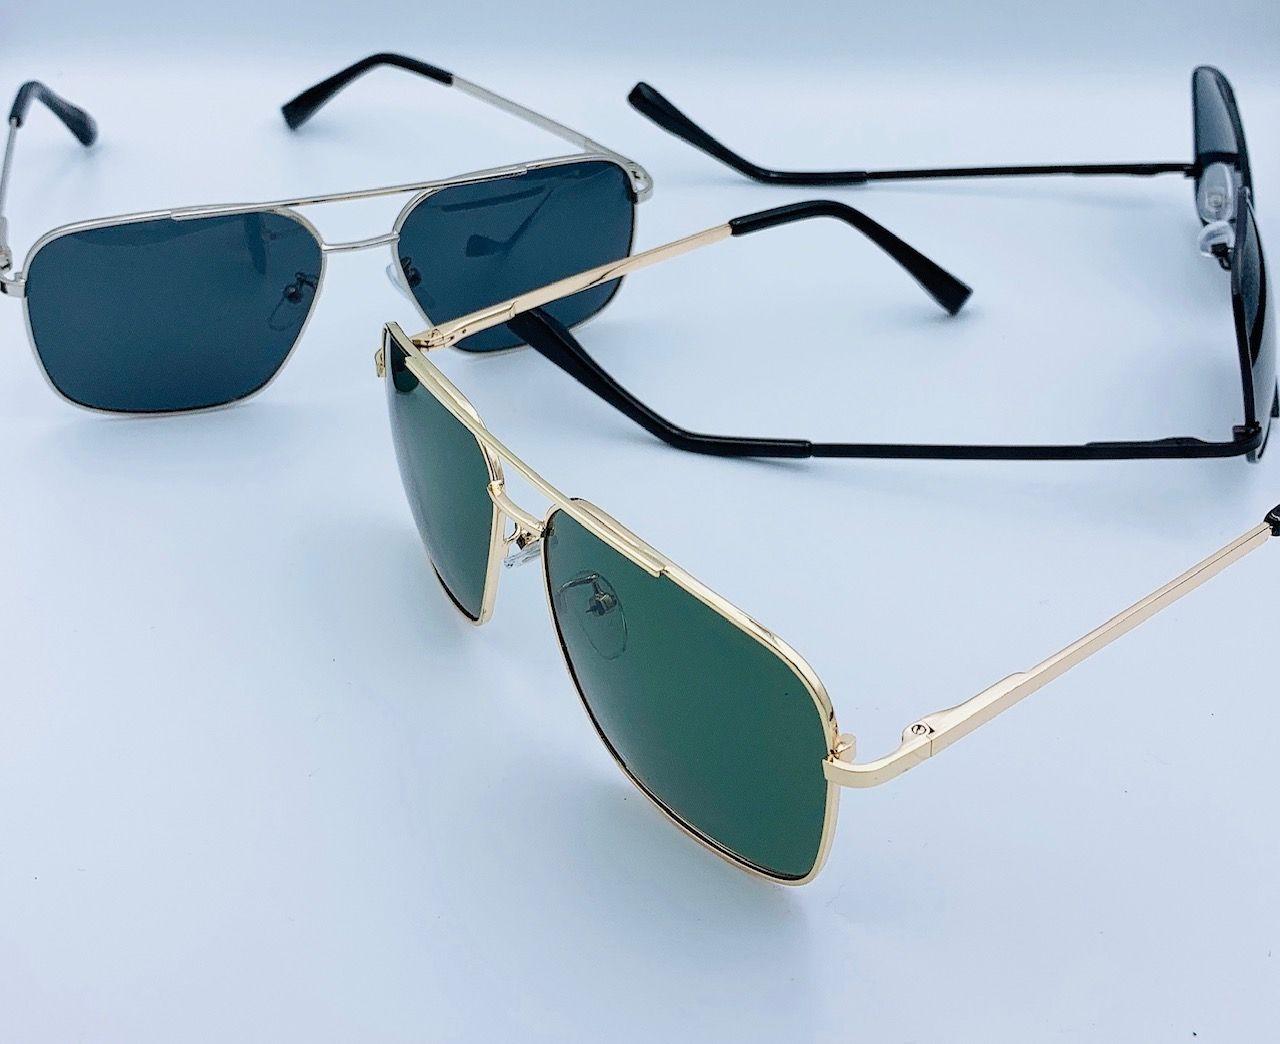 bdaed524cf Gafas de Sol estilo Soldador Lentes de Mica color Carbón o Tornasol Overs…  | Lentes Ópticos Gafas de Sol en México Armazones Diseñador Hipsters Vintage  ...